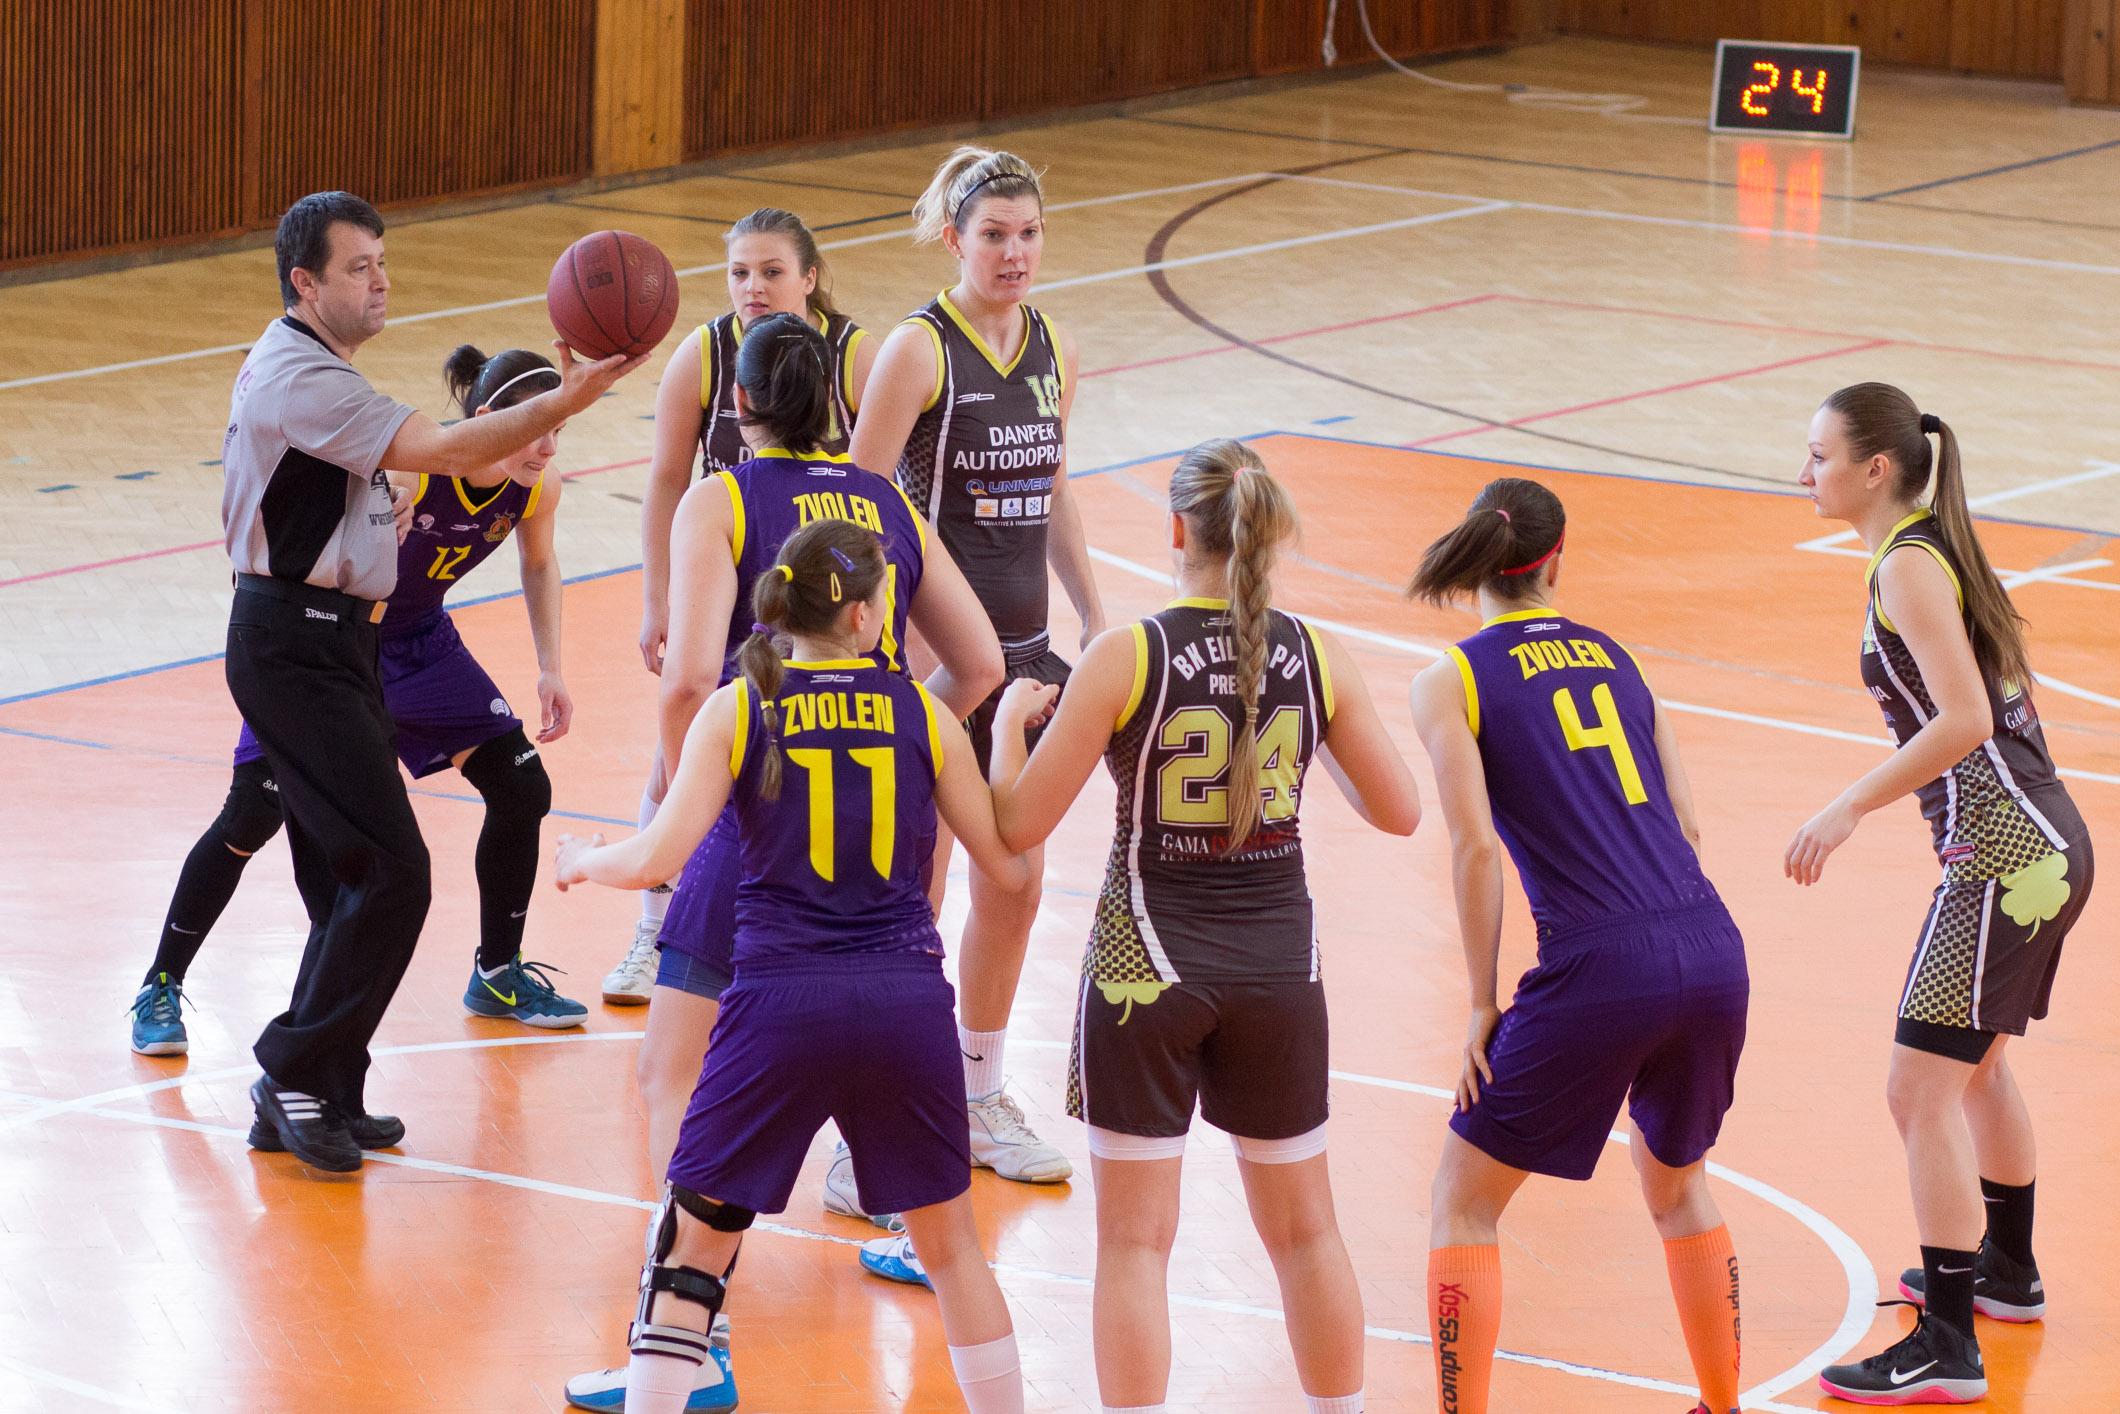 bk-zvolen-eilat-presov-2015-basketbal-2